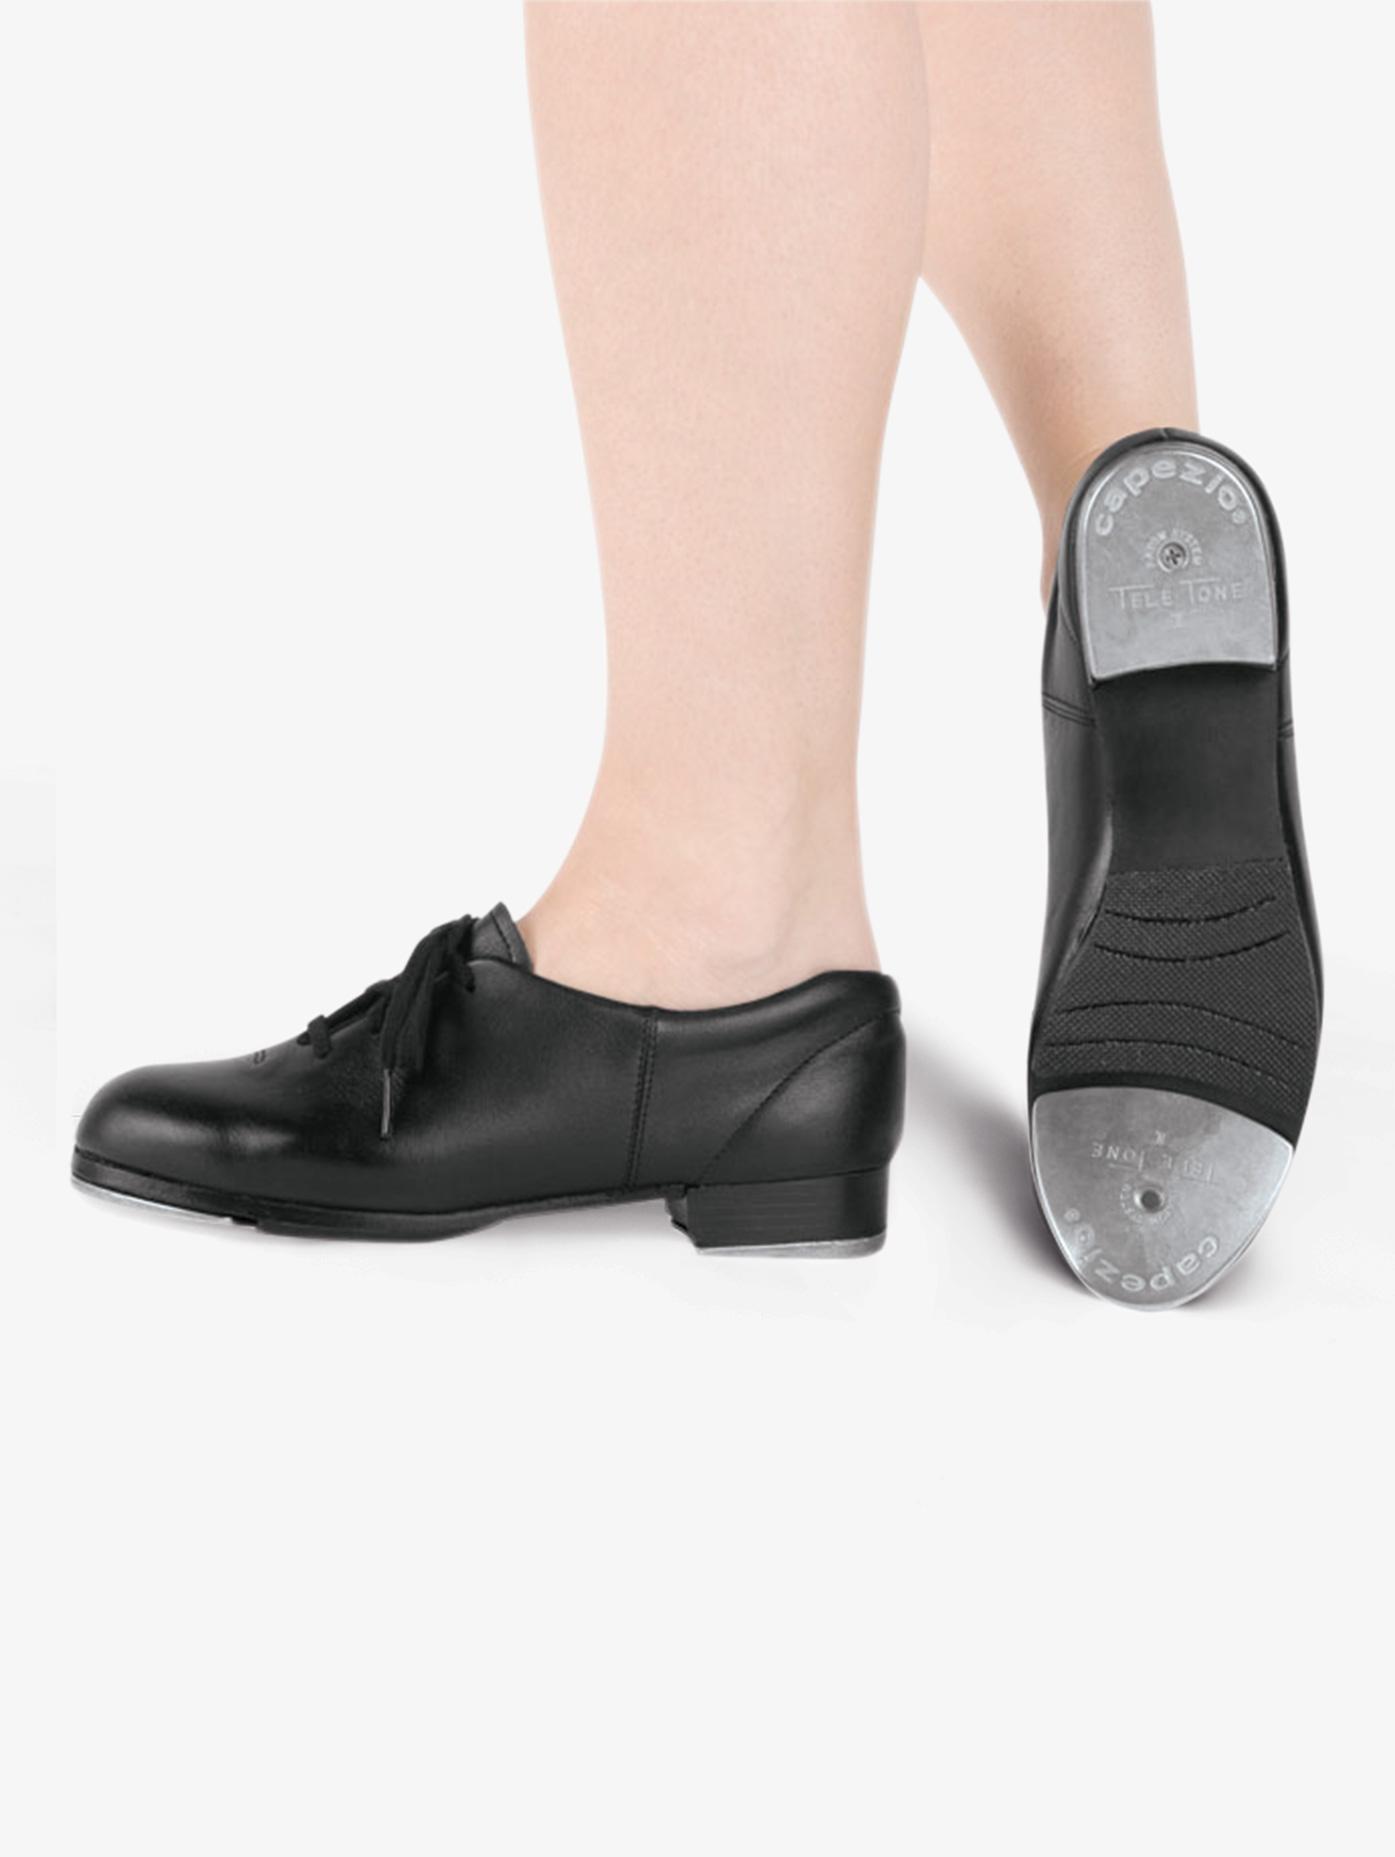 Capezio Adult Premiere Lace Up Tap Shoes CG09